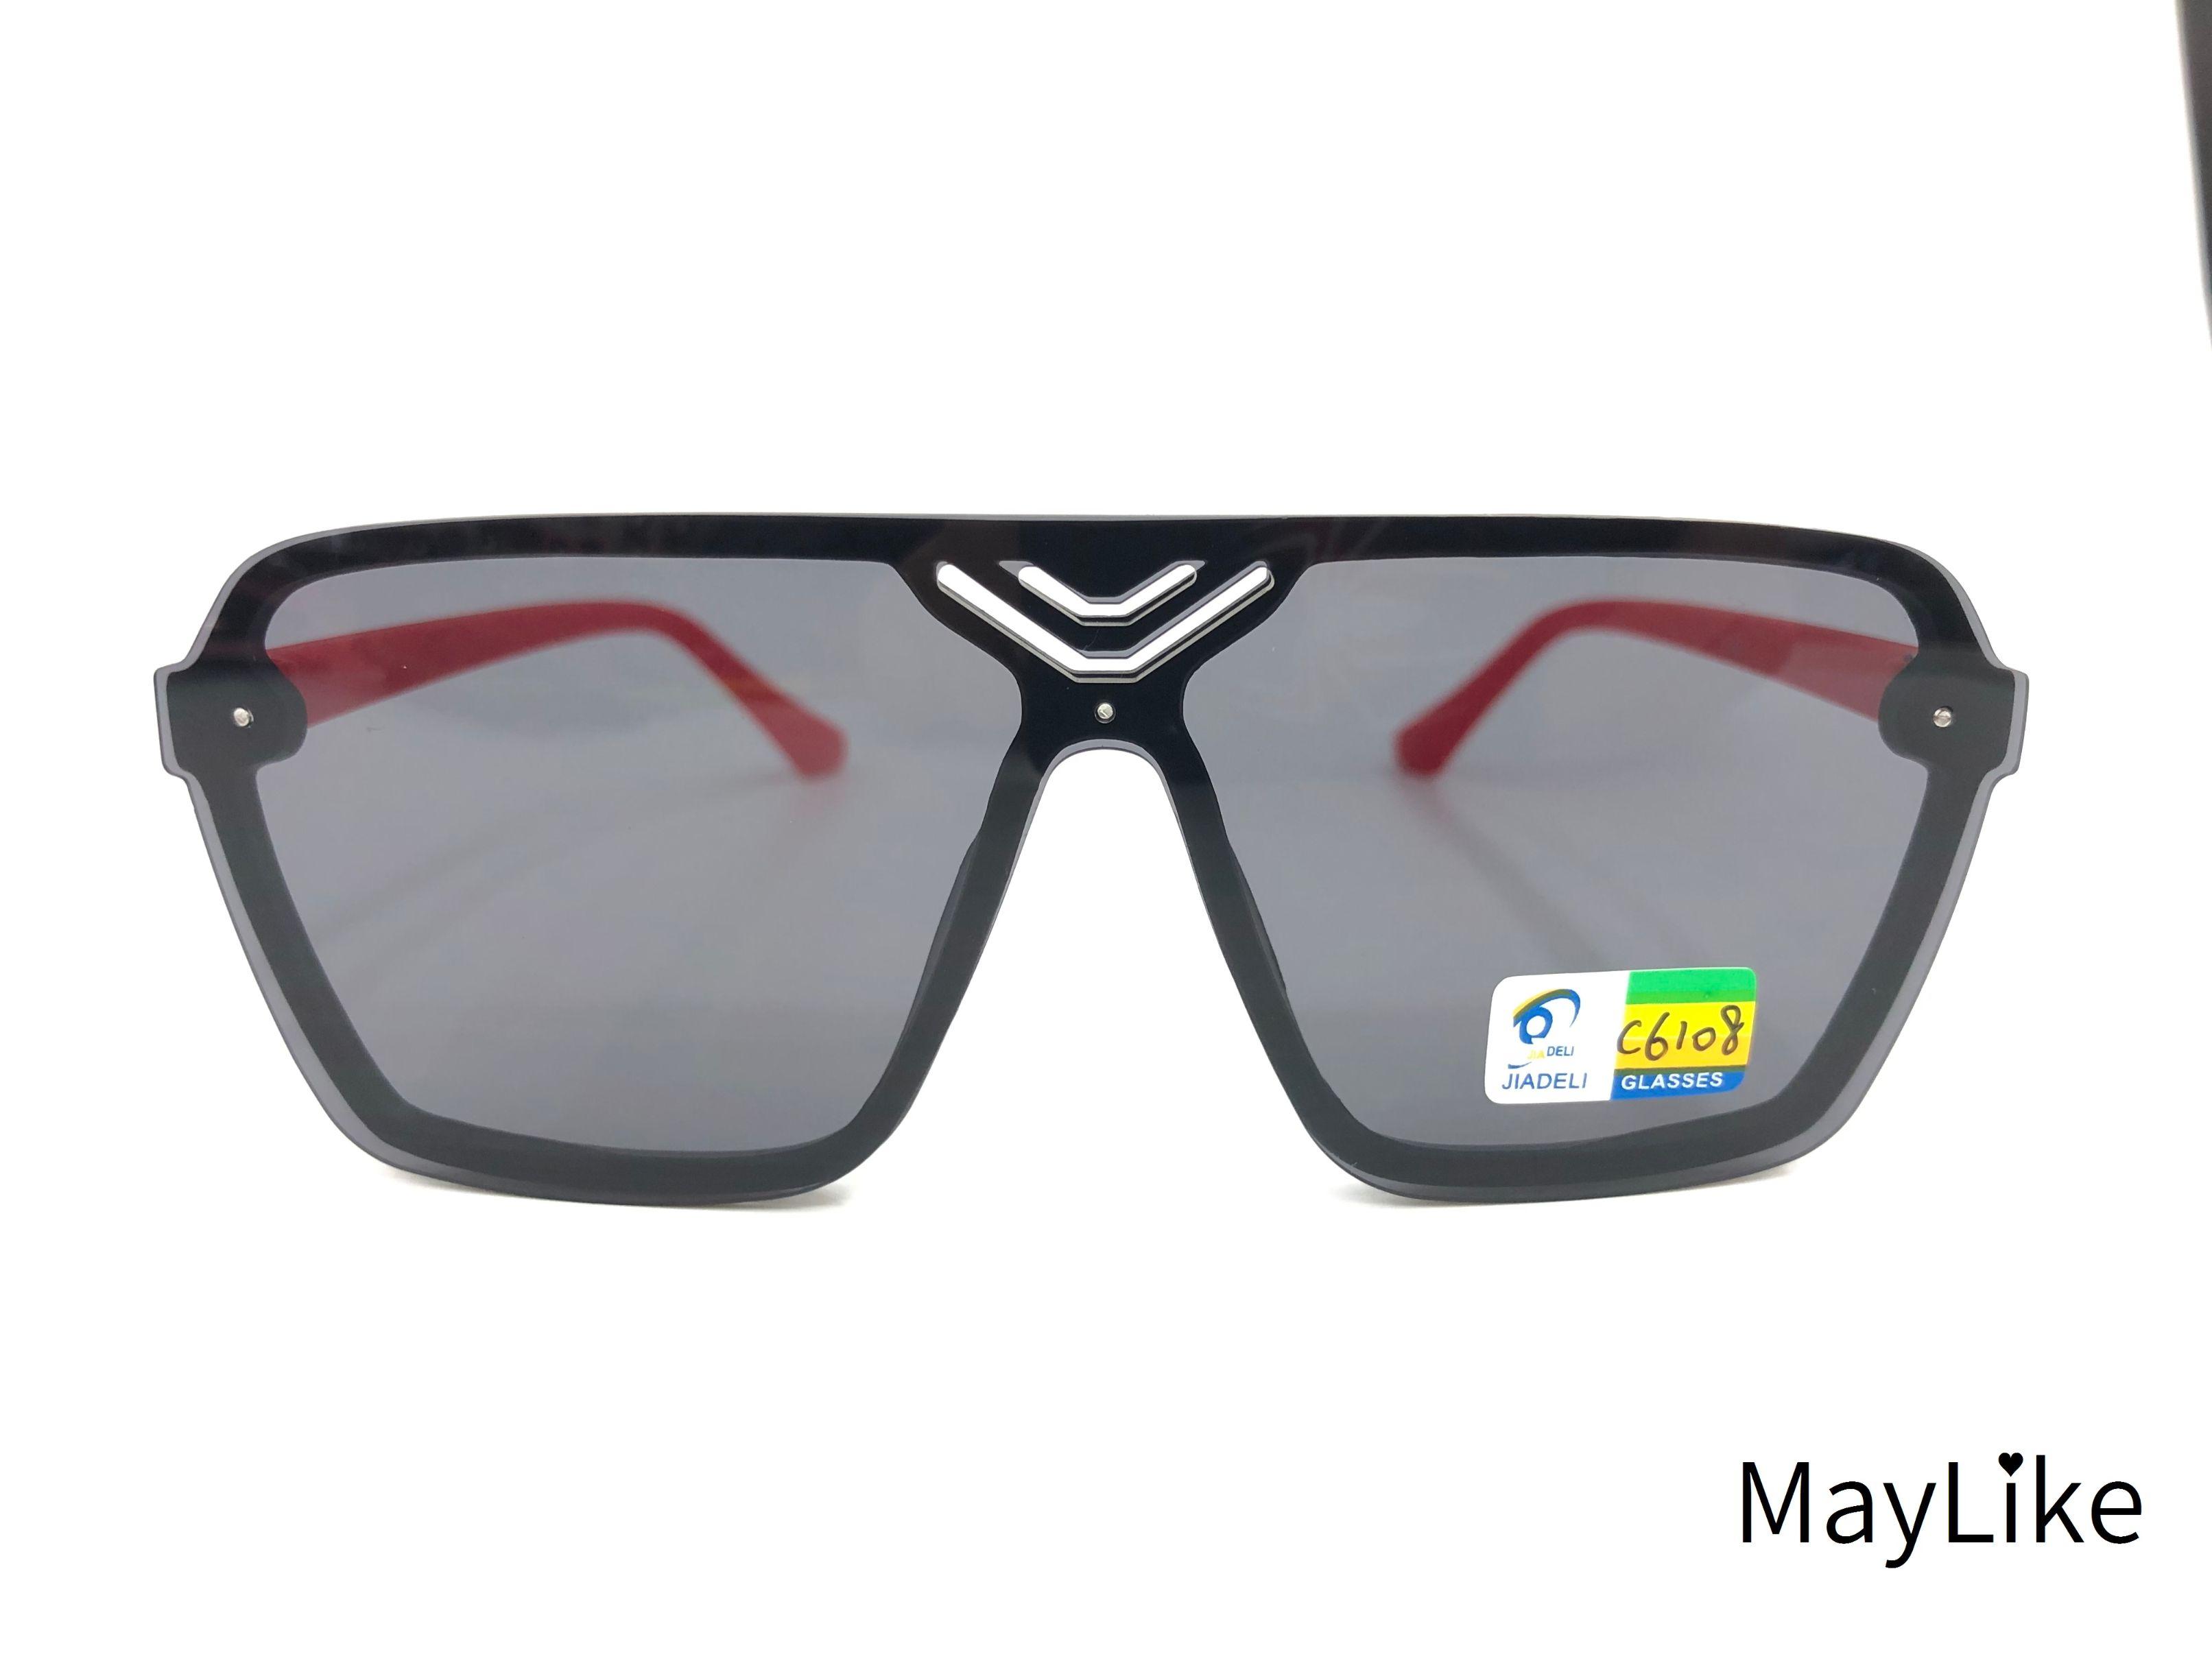 22837-1562 儿童 潮韩版 防紫外线 户外运动太阳镜 护眼 批发